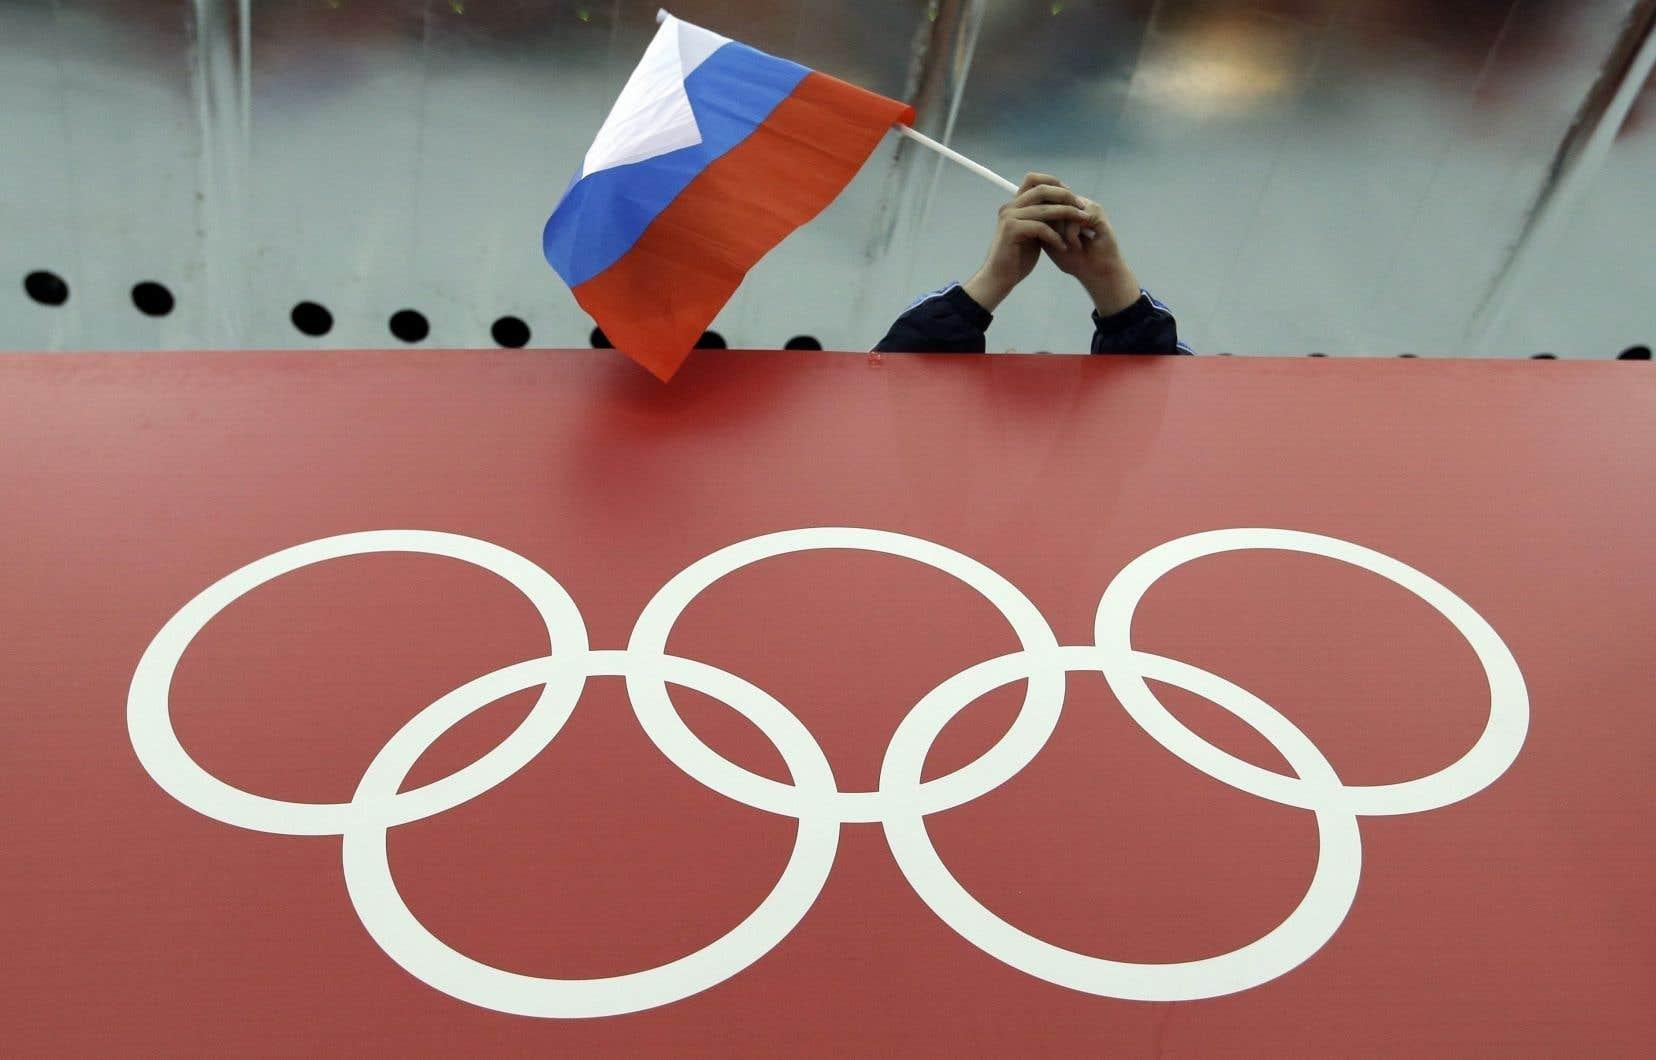 Les équipes russes ne pourront participer aux Jeux olympiques de Tokyo l'été prochain et à ceux de Pékin à l'hiver 2022 sous leur nom habituel, mais le nom de Russie apparaîtra sur leurs uniformes aux couleurs du drapeau du pays.